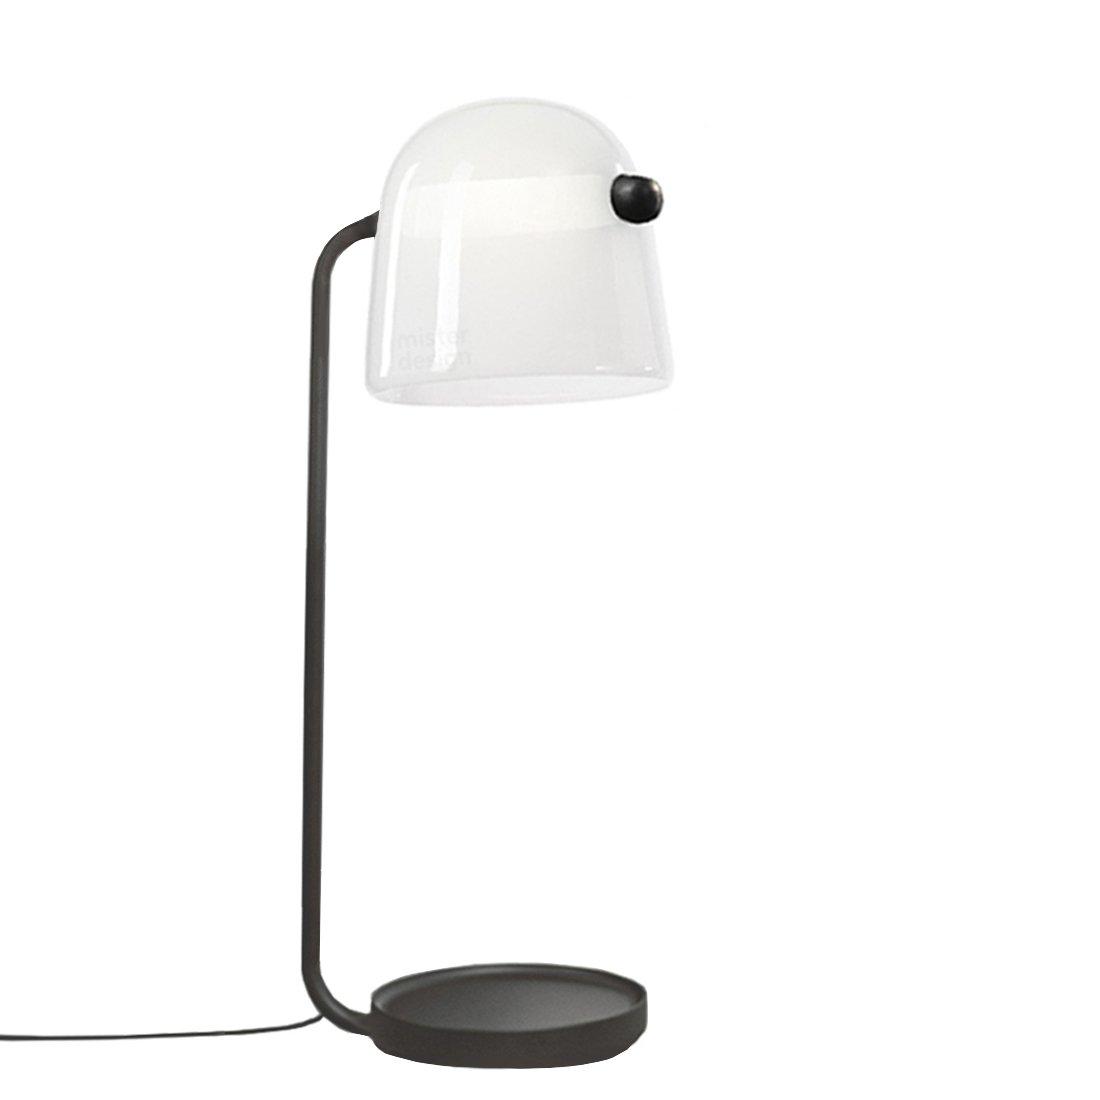 Brokis Mona Vloerlamp Large Wit - Zwarte Body